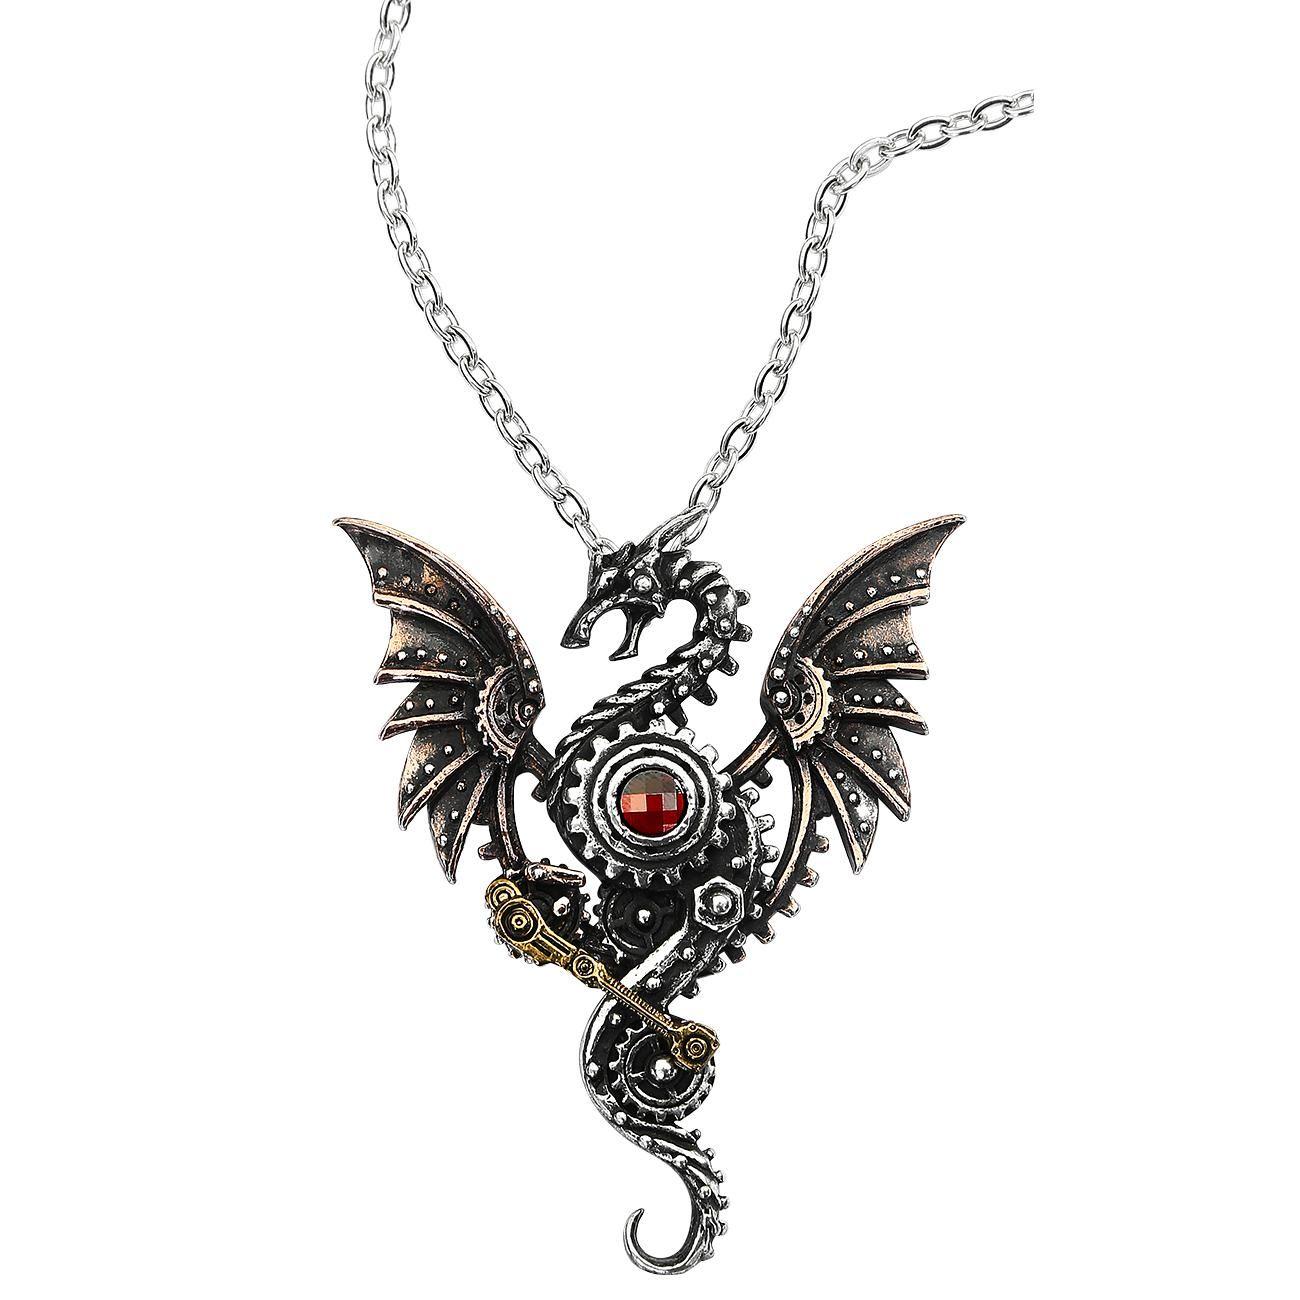 50e  Blast Furnace Behemoth - Alchemy Gothic